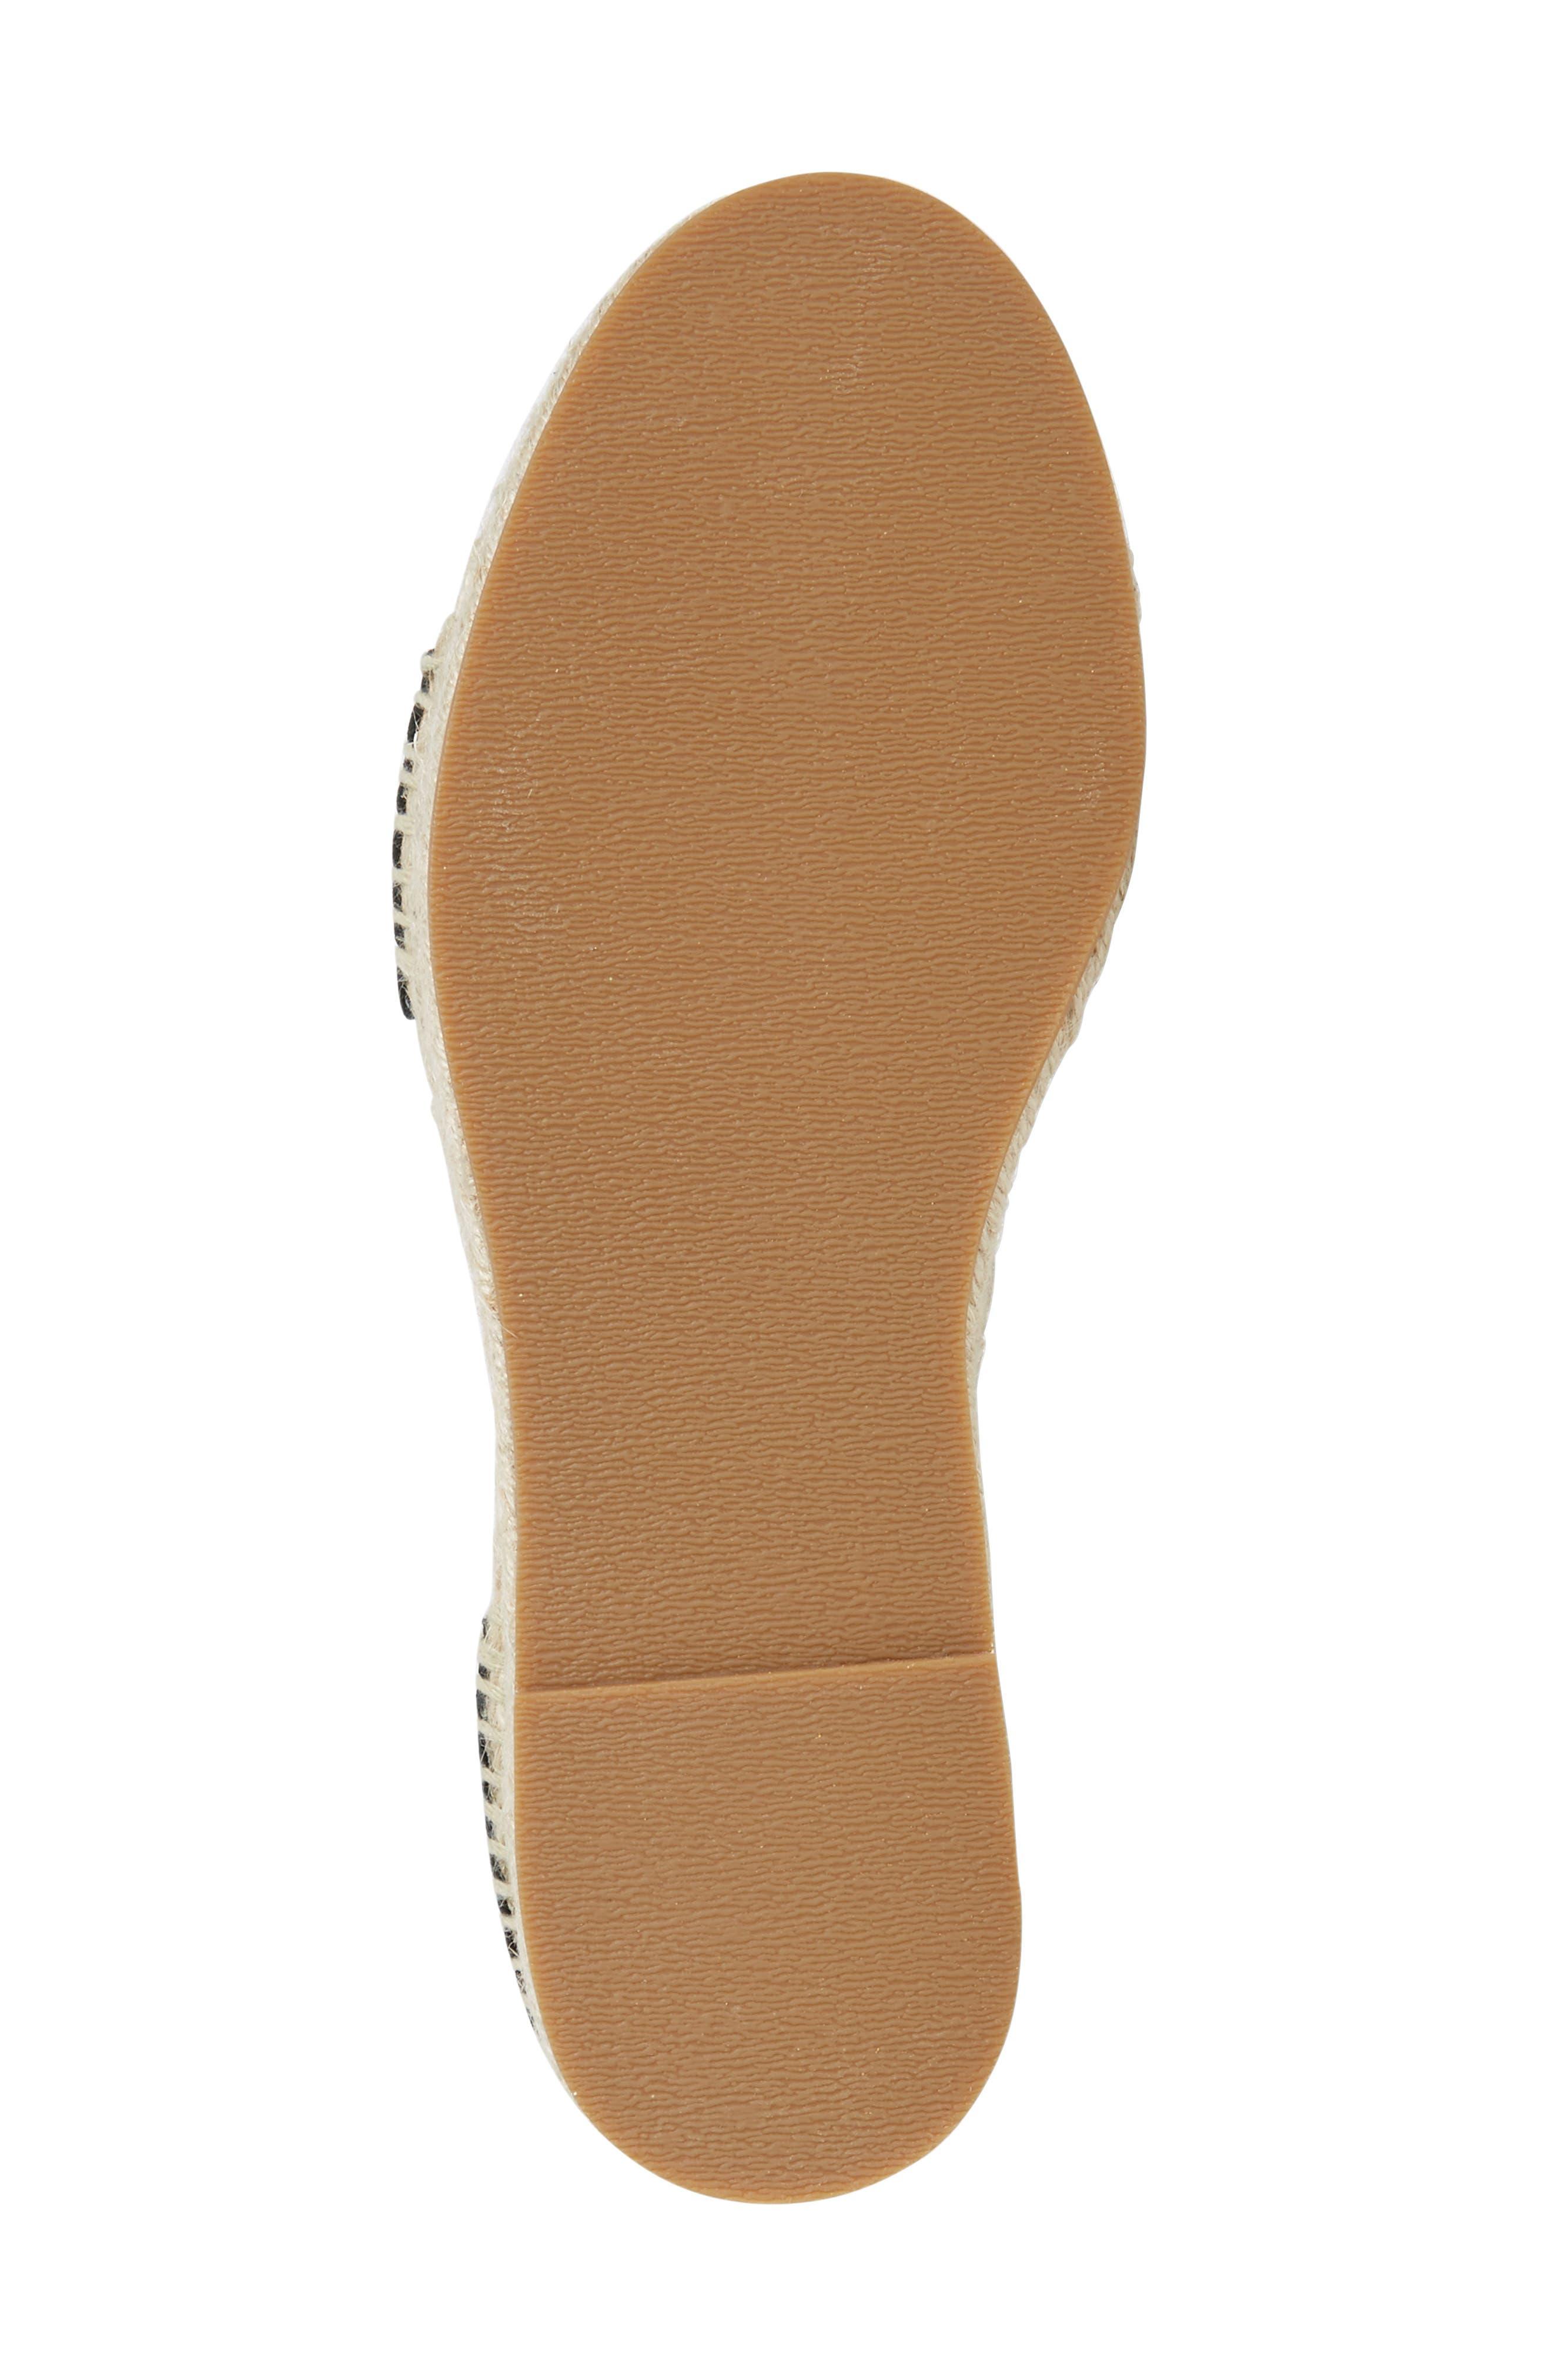 SPLENDID, Jensen Platform Espadrille Sandal, Alternate thumbnail 4, color, 002